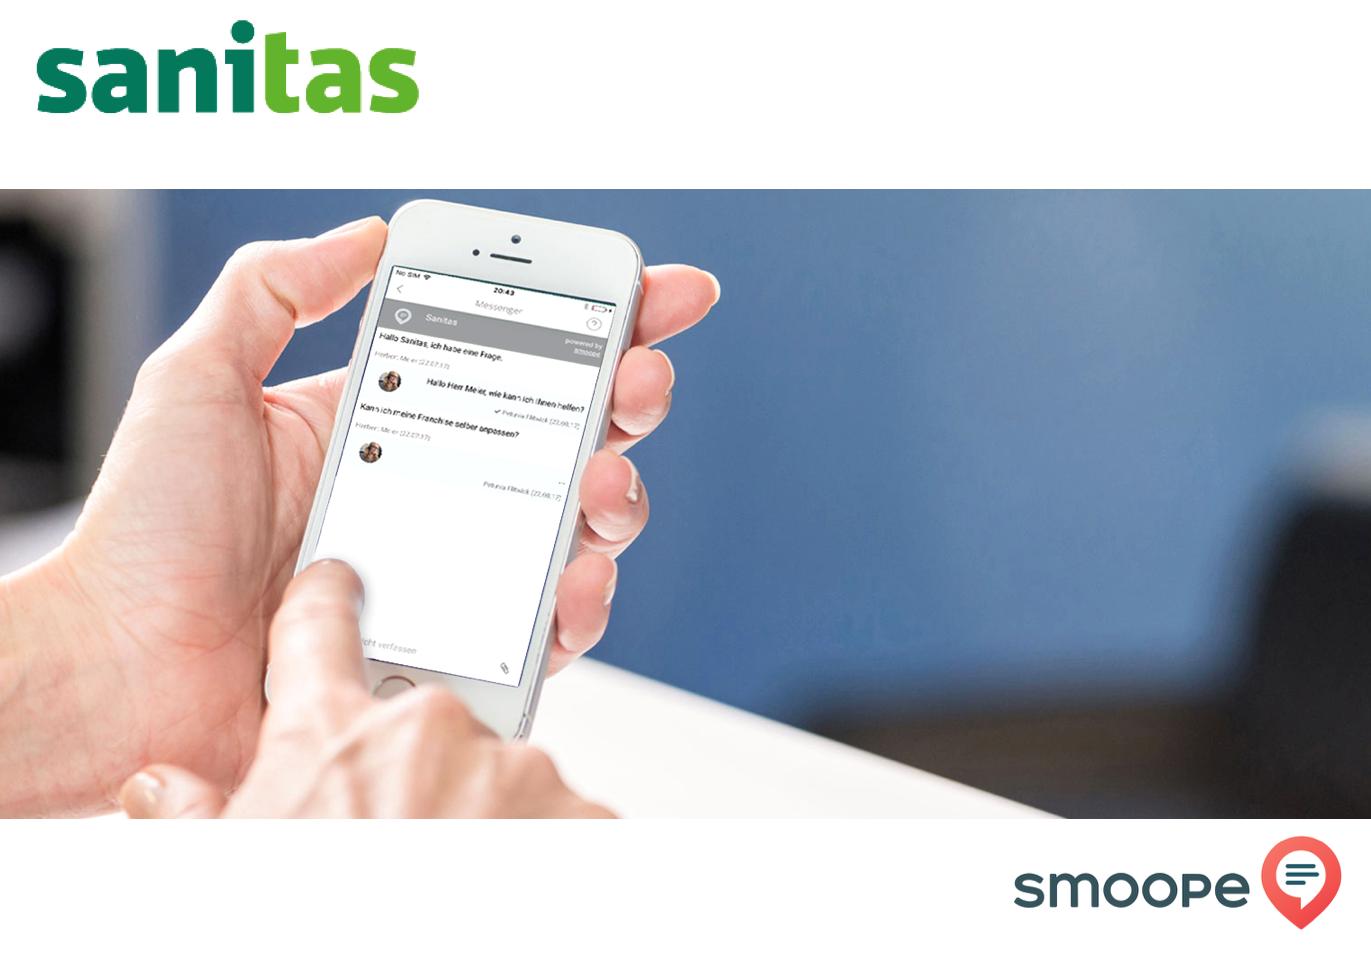 Erfahrungsbericht: 100 Tage Messenger-Service in der Sanitas-App